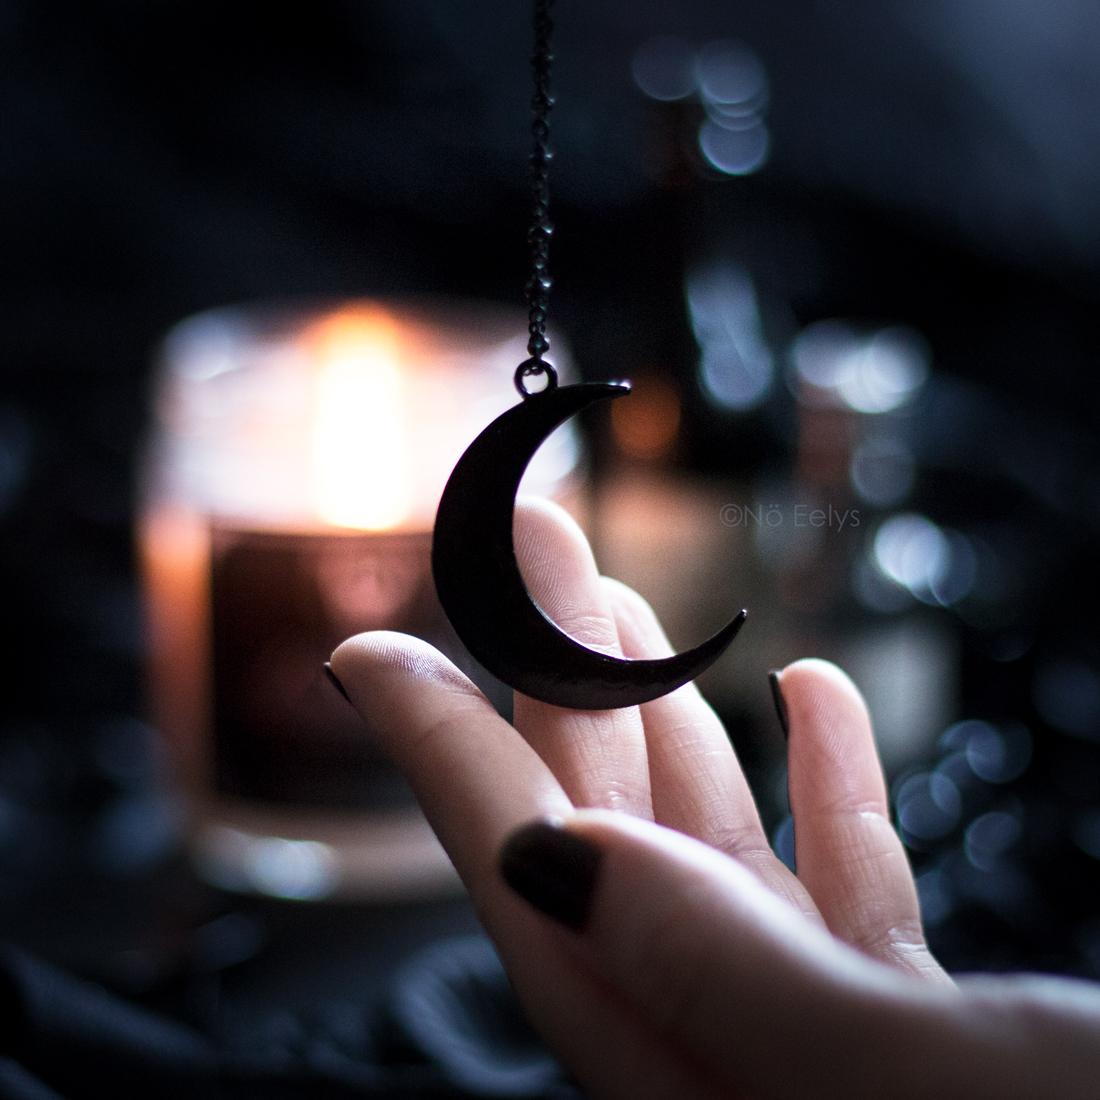 Collier Noctem Boudoir du Chaman (lune noire), photo par Nö Eelys Le Boudoir de Nö, blog gothique romantique